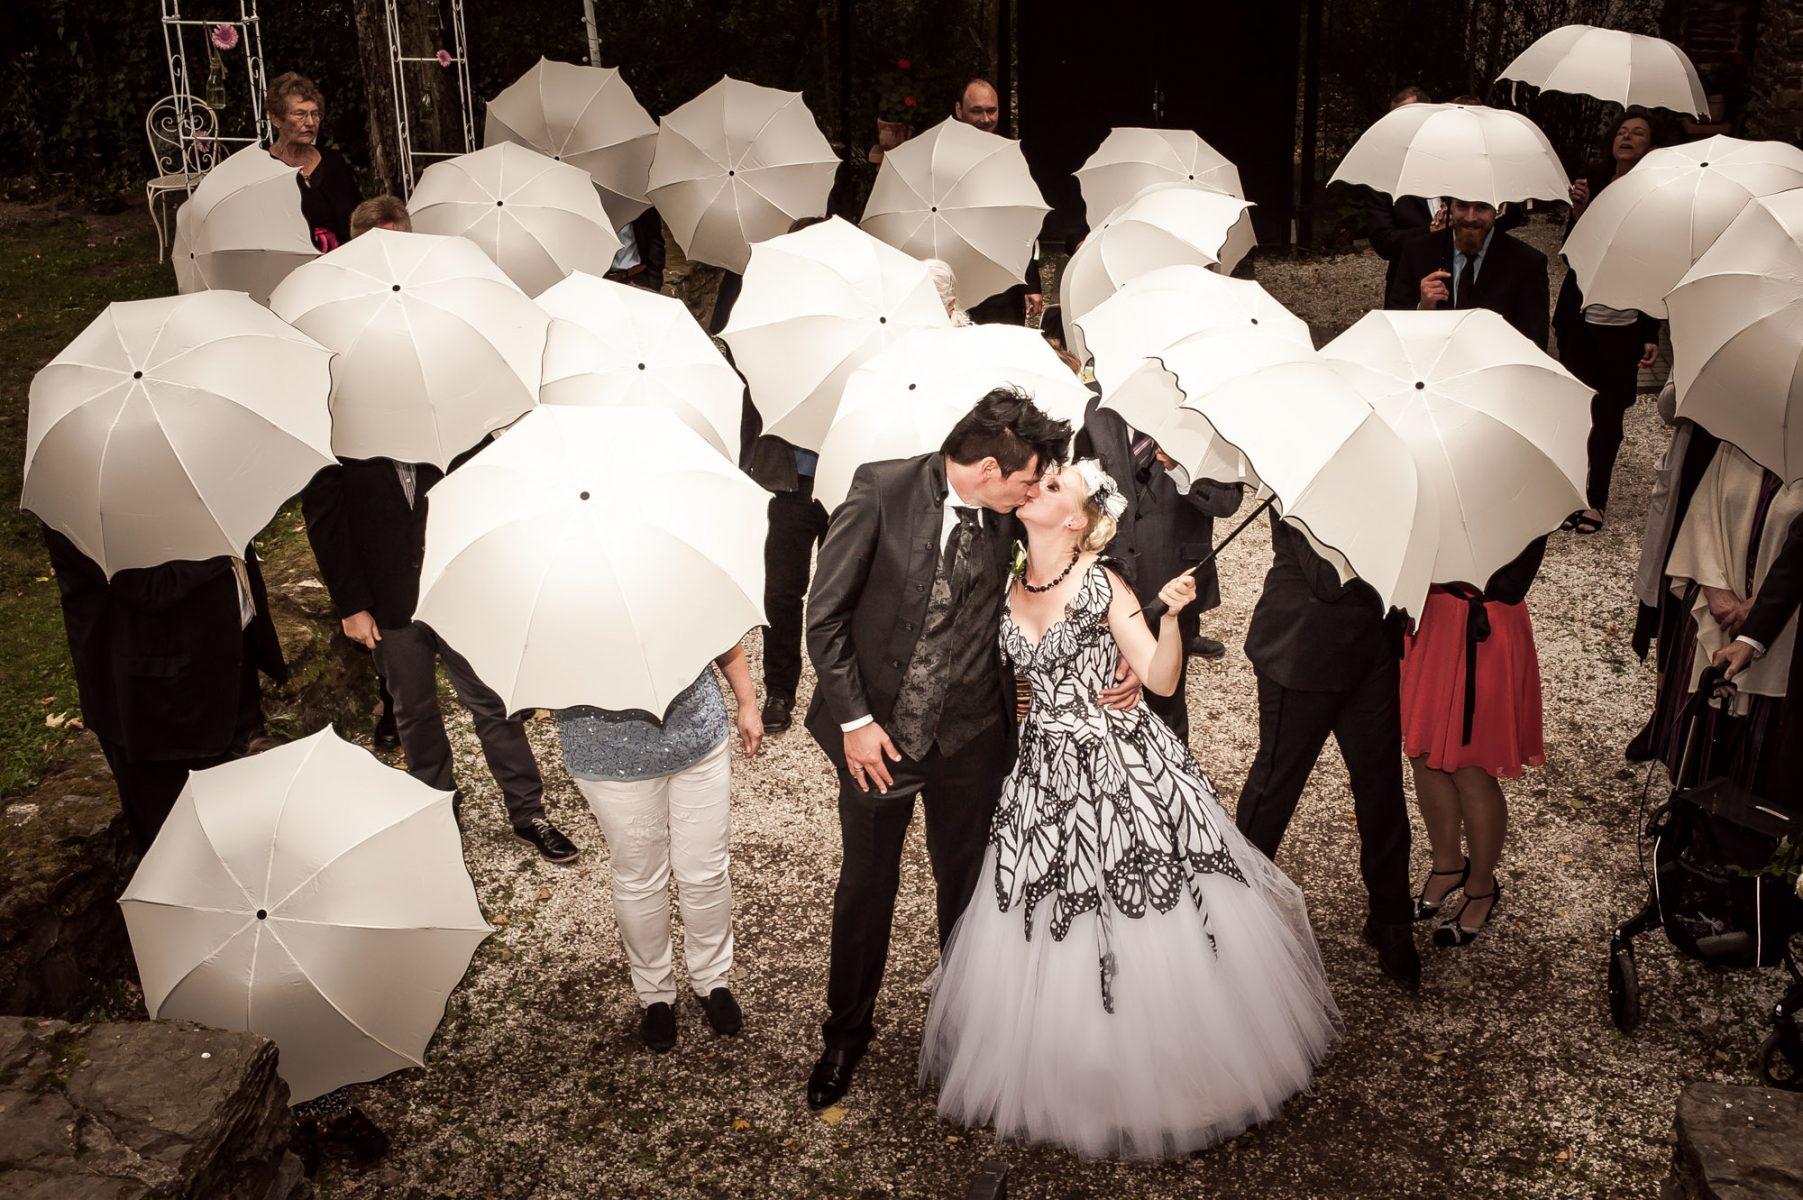 Hochzeiten B2000 222305 1803x1200 - Hochzeitsfotografie